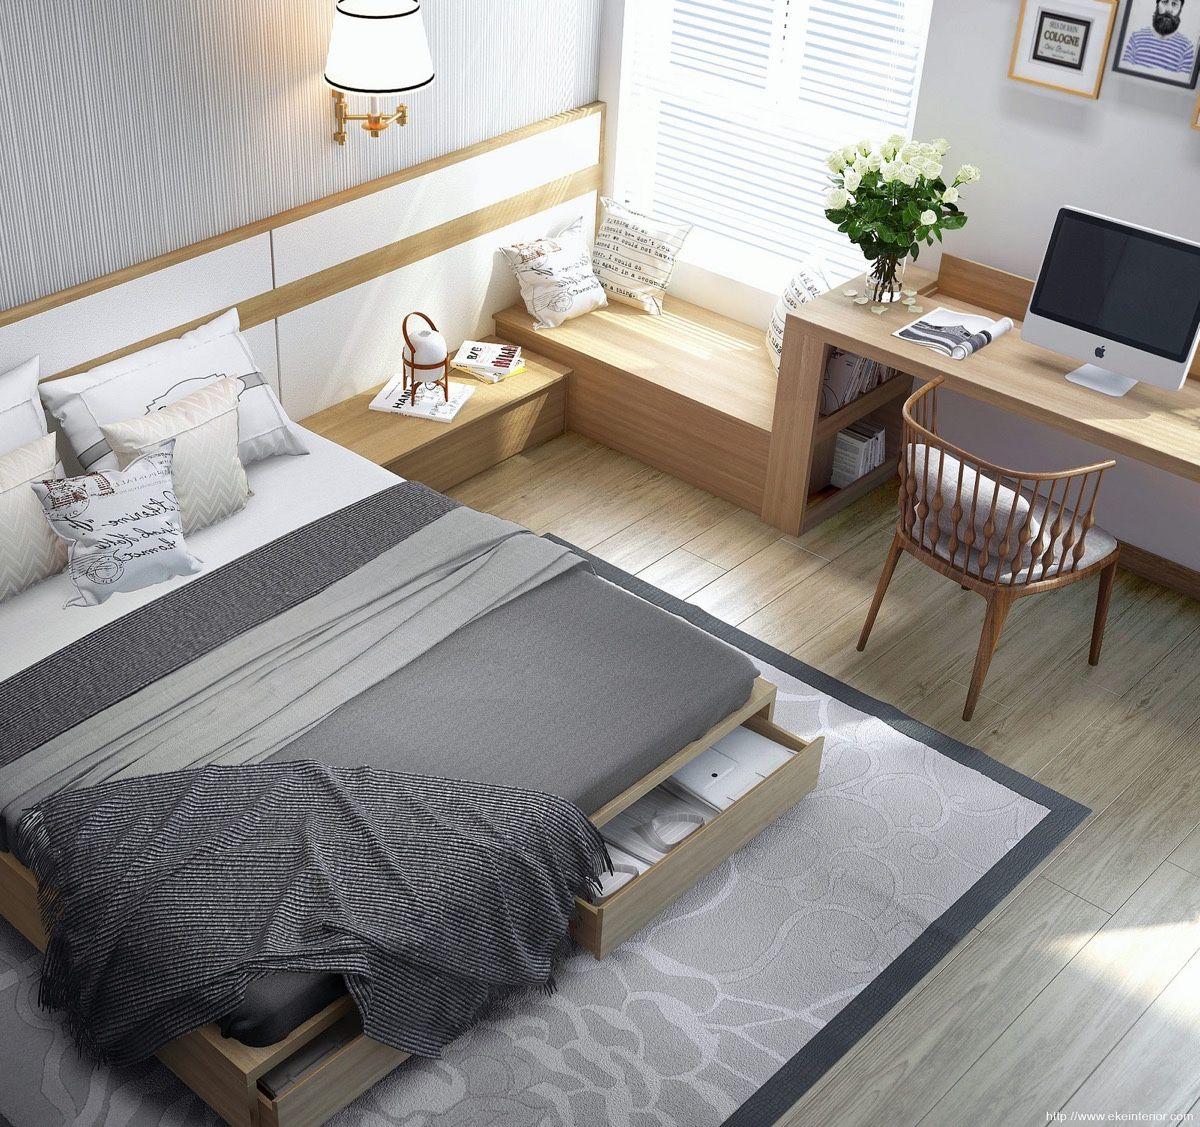 Mách bạn 10 mẹo khuếch đại không gian phòng ngủ nhỏ - Ảnh 2.